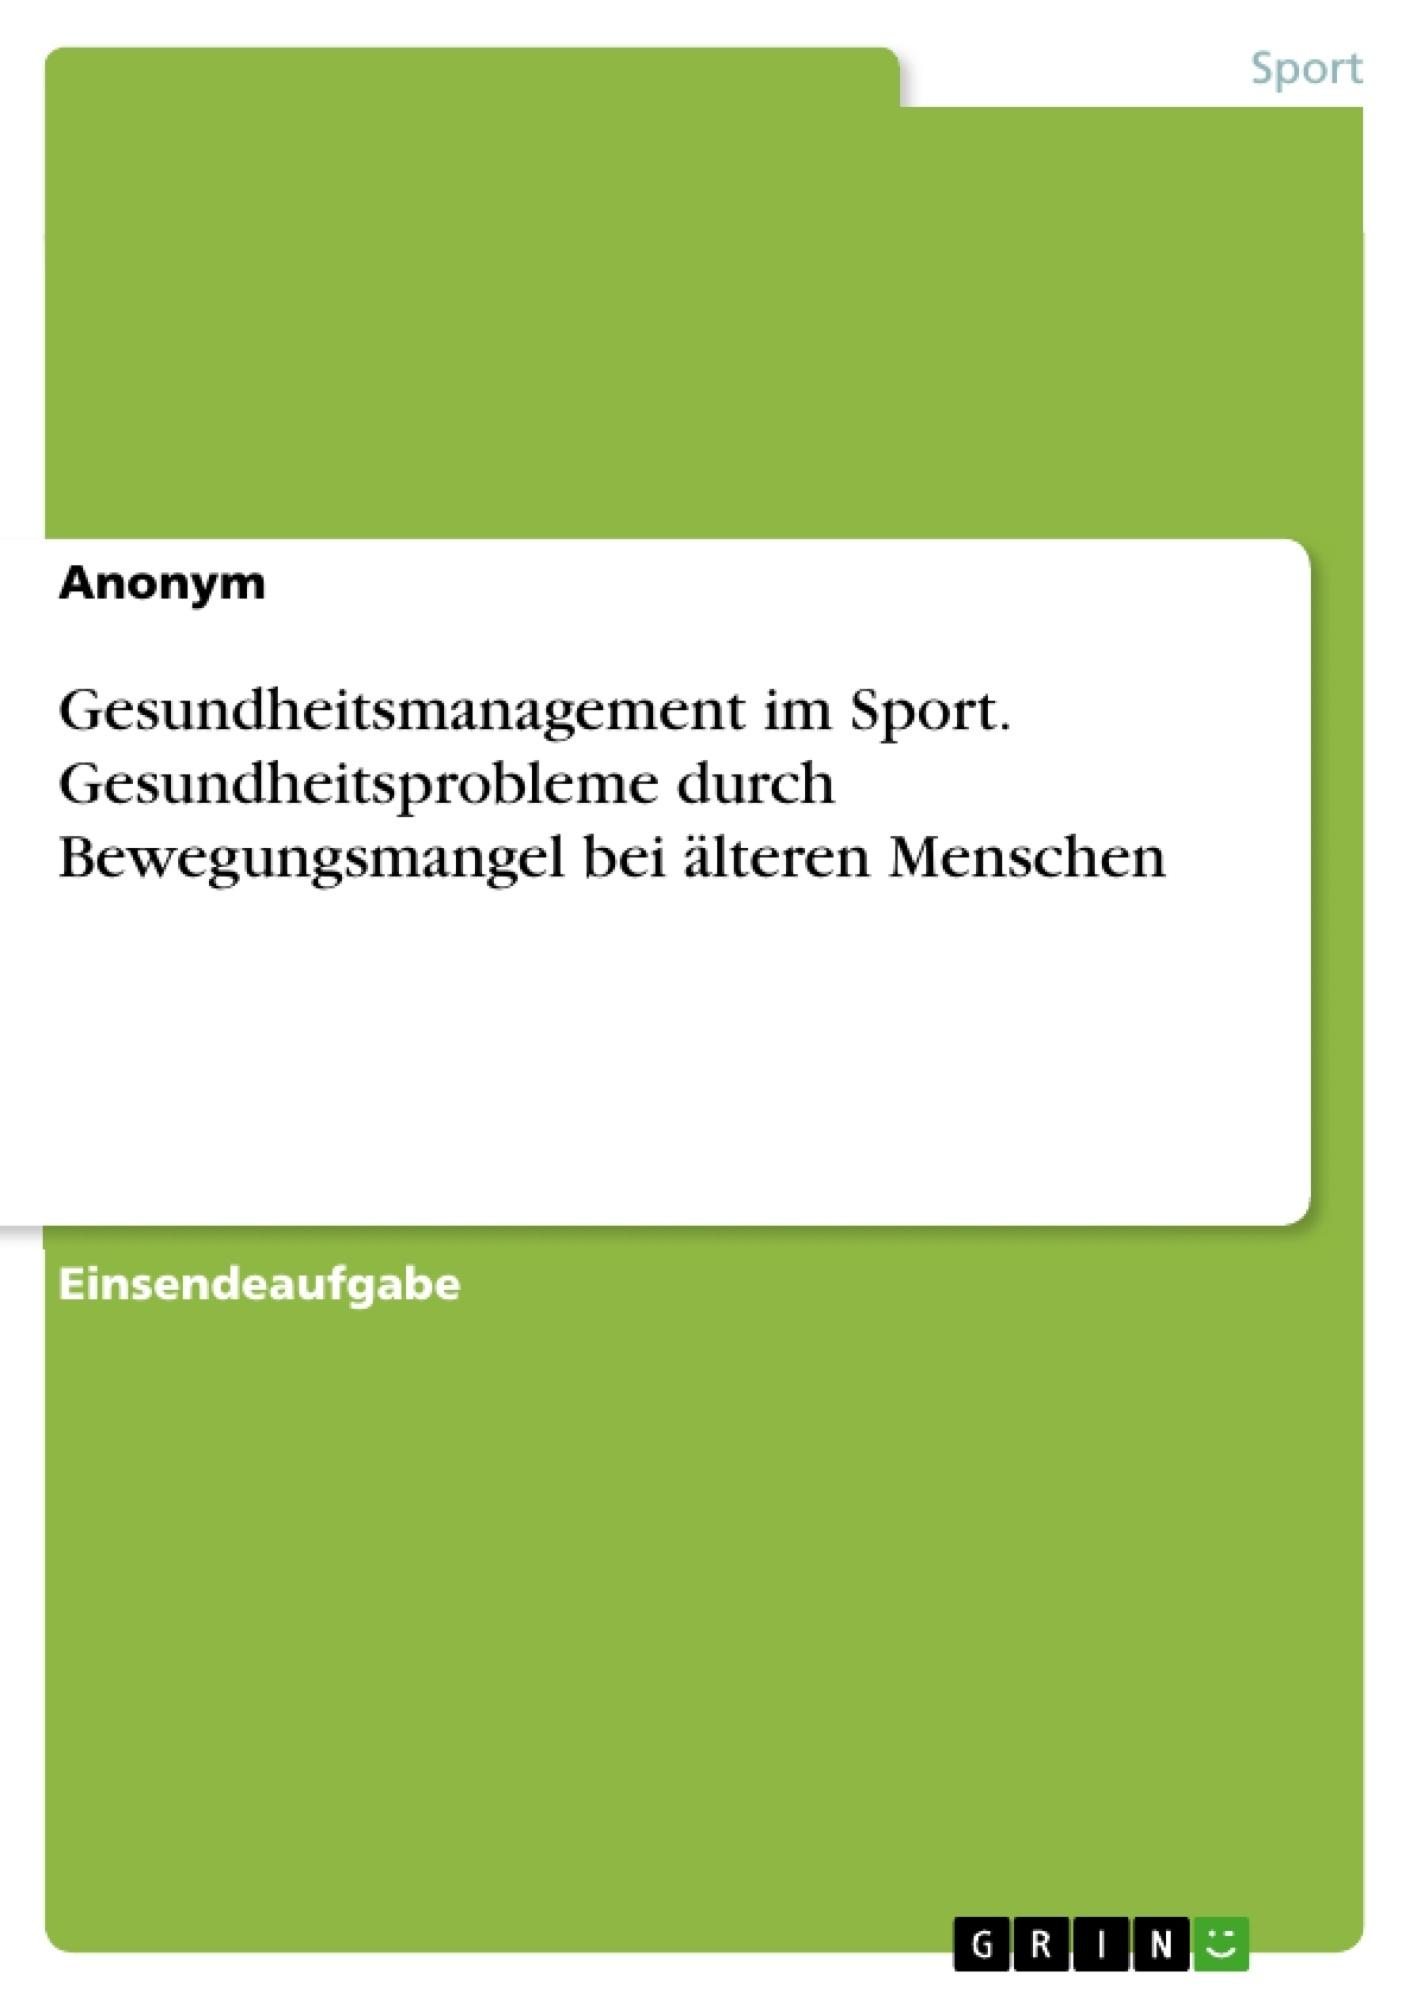 Titel: Gesundheitsmanagement im Sport. Gesundheitsprobleme durch Bewegungsmangel bei älteren Menschen